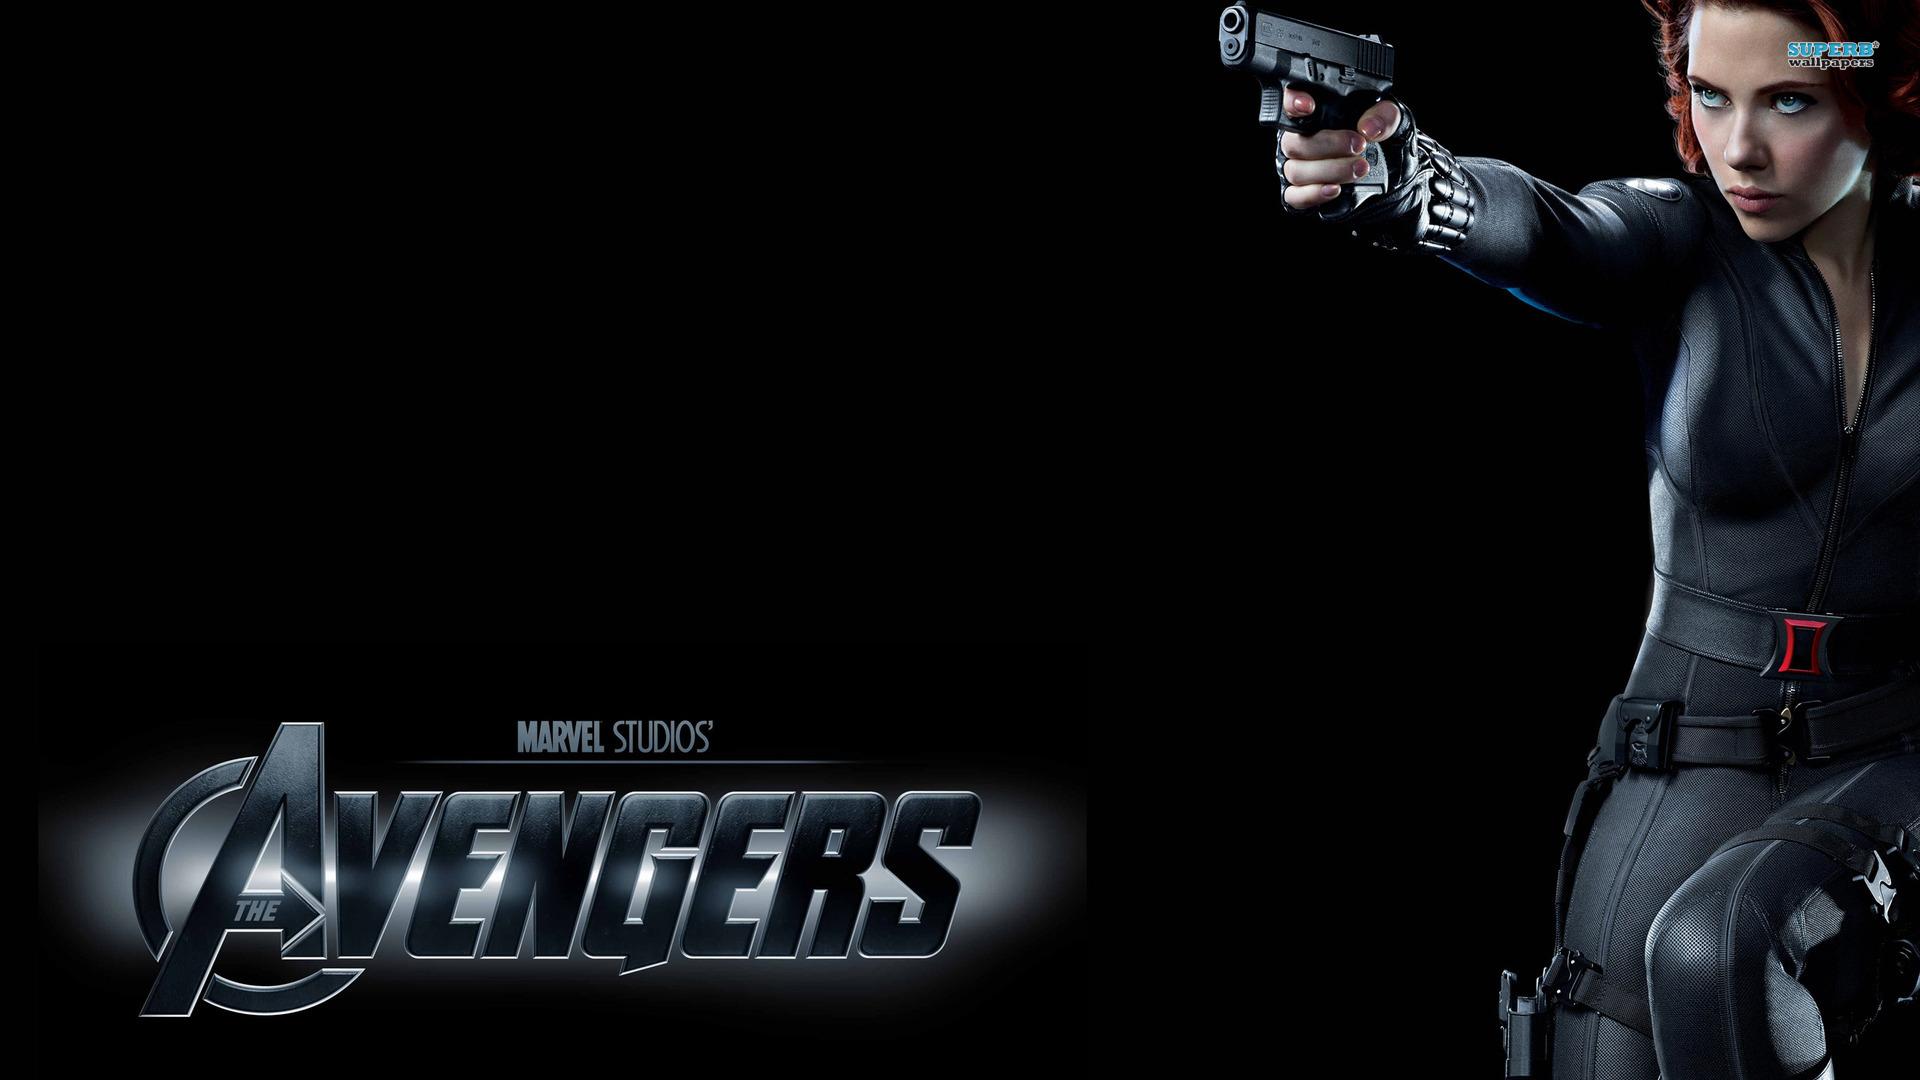 Avengers Black Widow wallpaper   591005 1920x1080